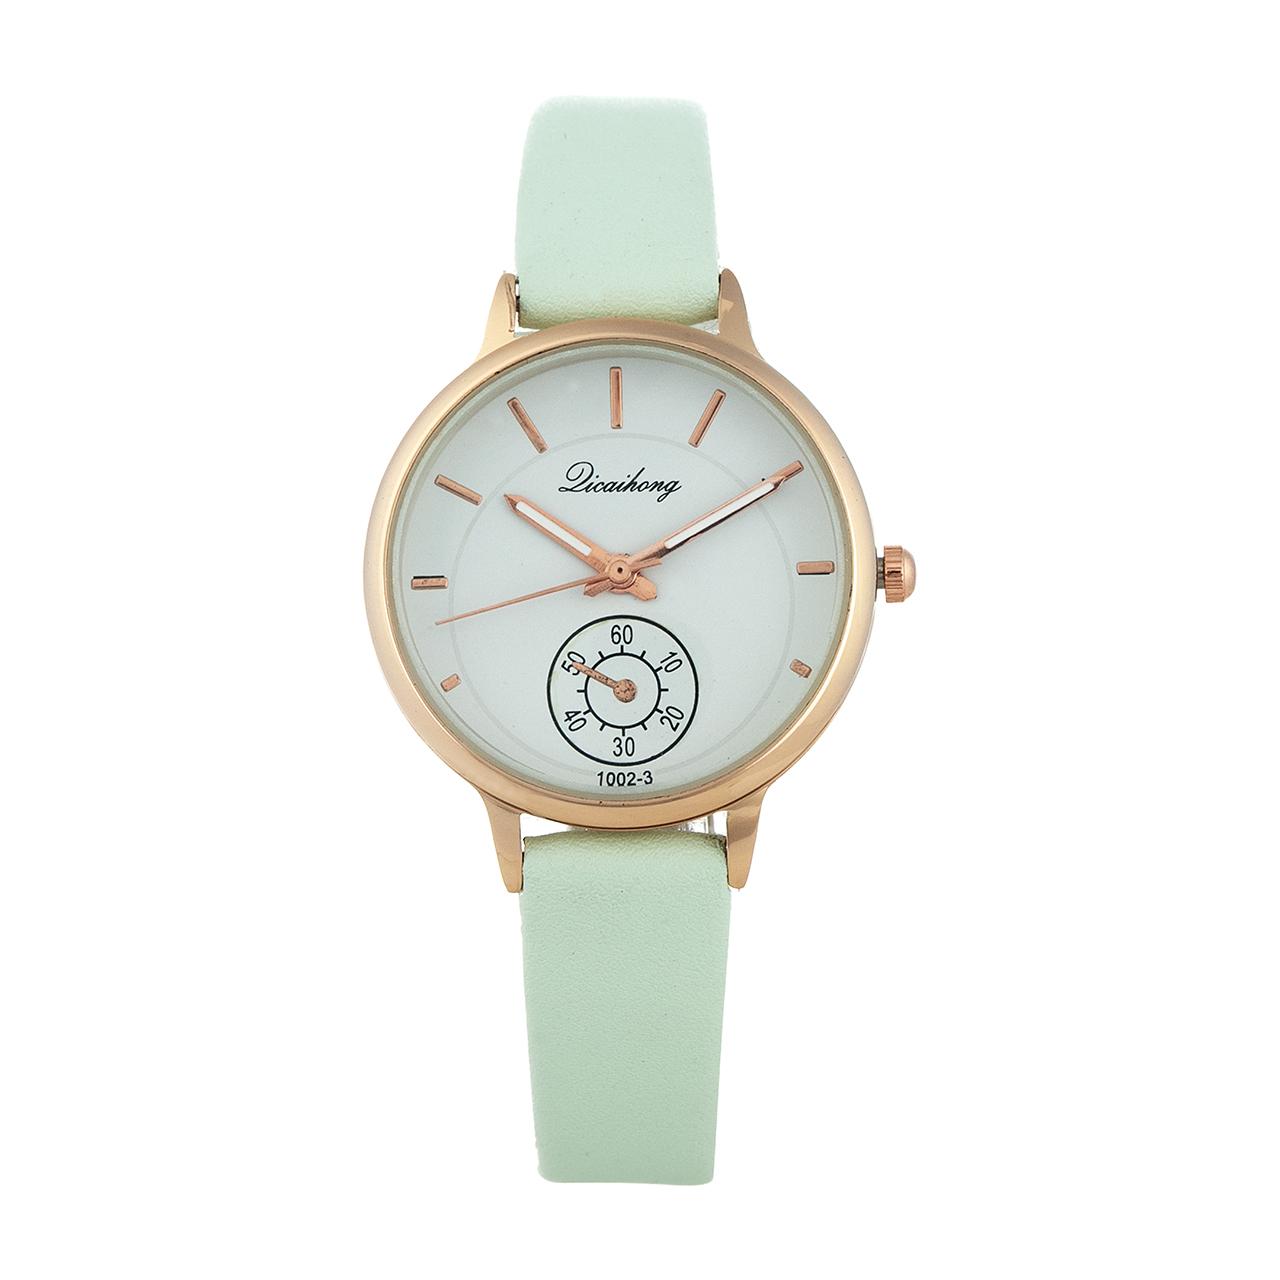 خرید ساعت مچی عقربه ای زنانه دیکایهونگ کد 1002 مدل DW1